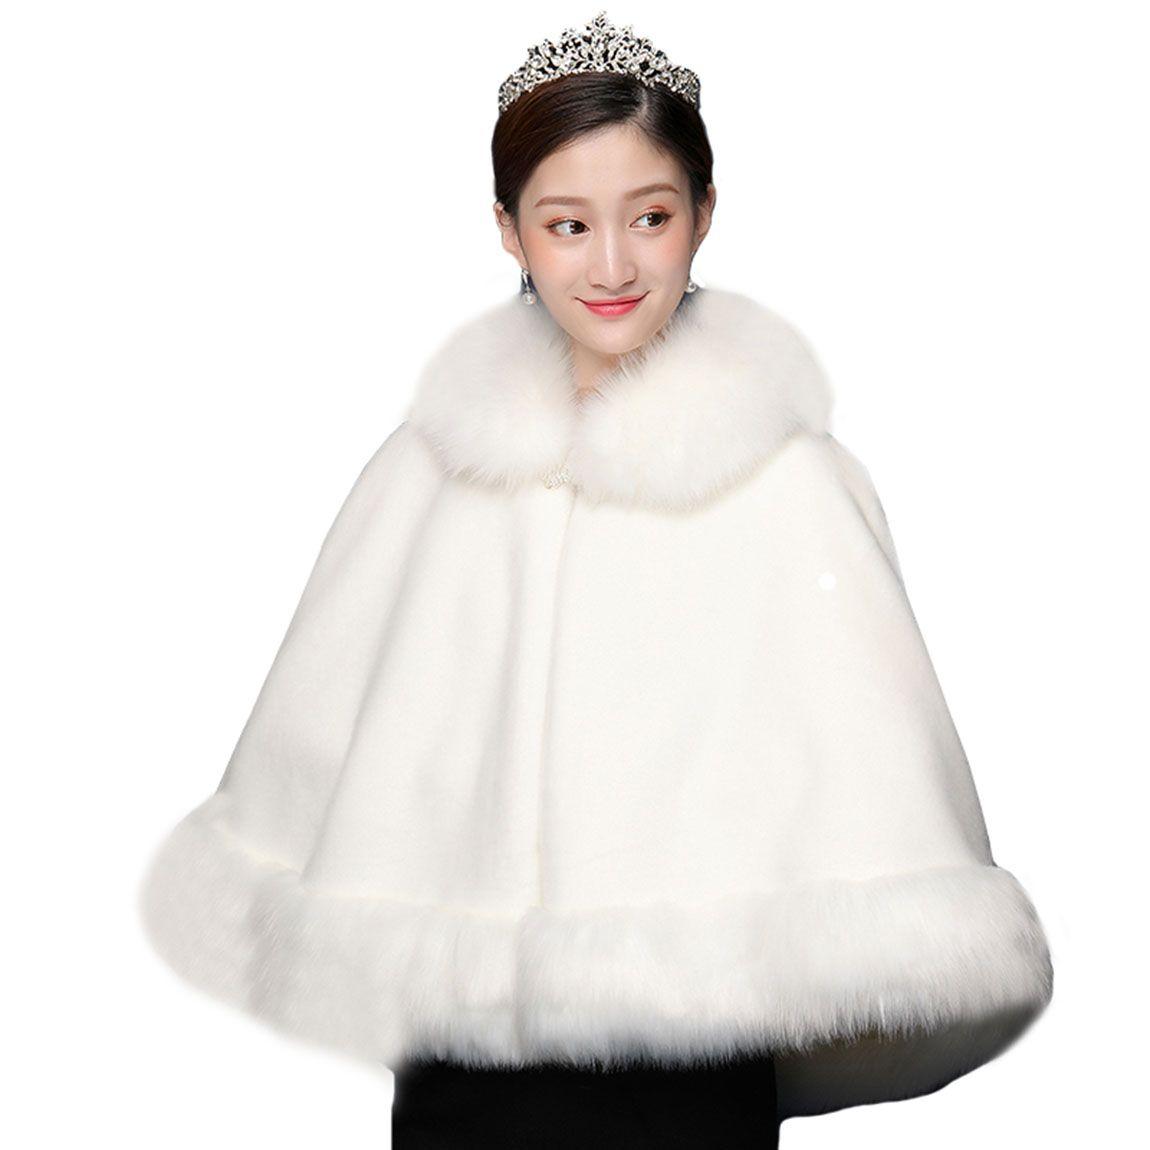 Big Bridal Cloak Women's Wraps Wraps Faux Fur Wrap Wedding Capes Per le spose Partito serale Stole di pelliccia Scialle nuziale Bolero